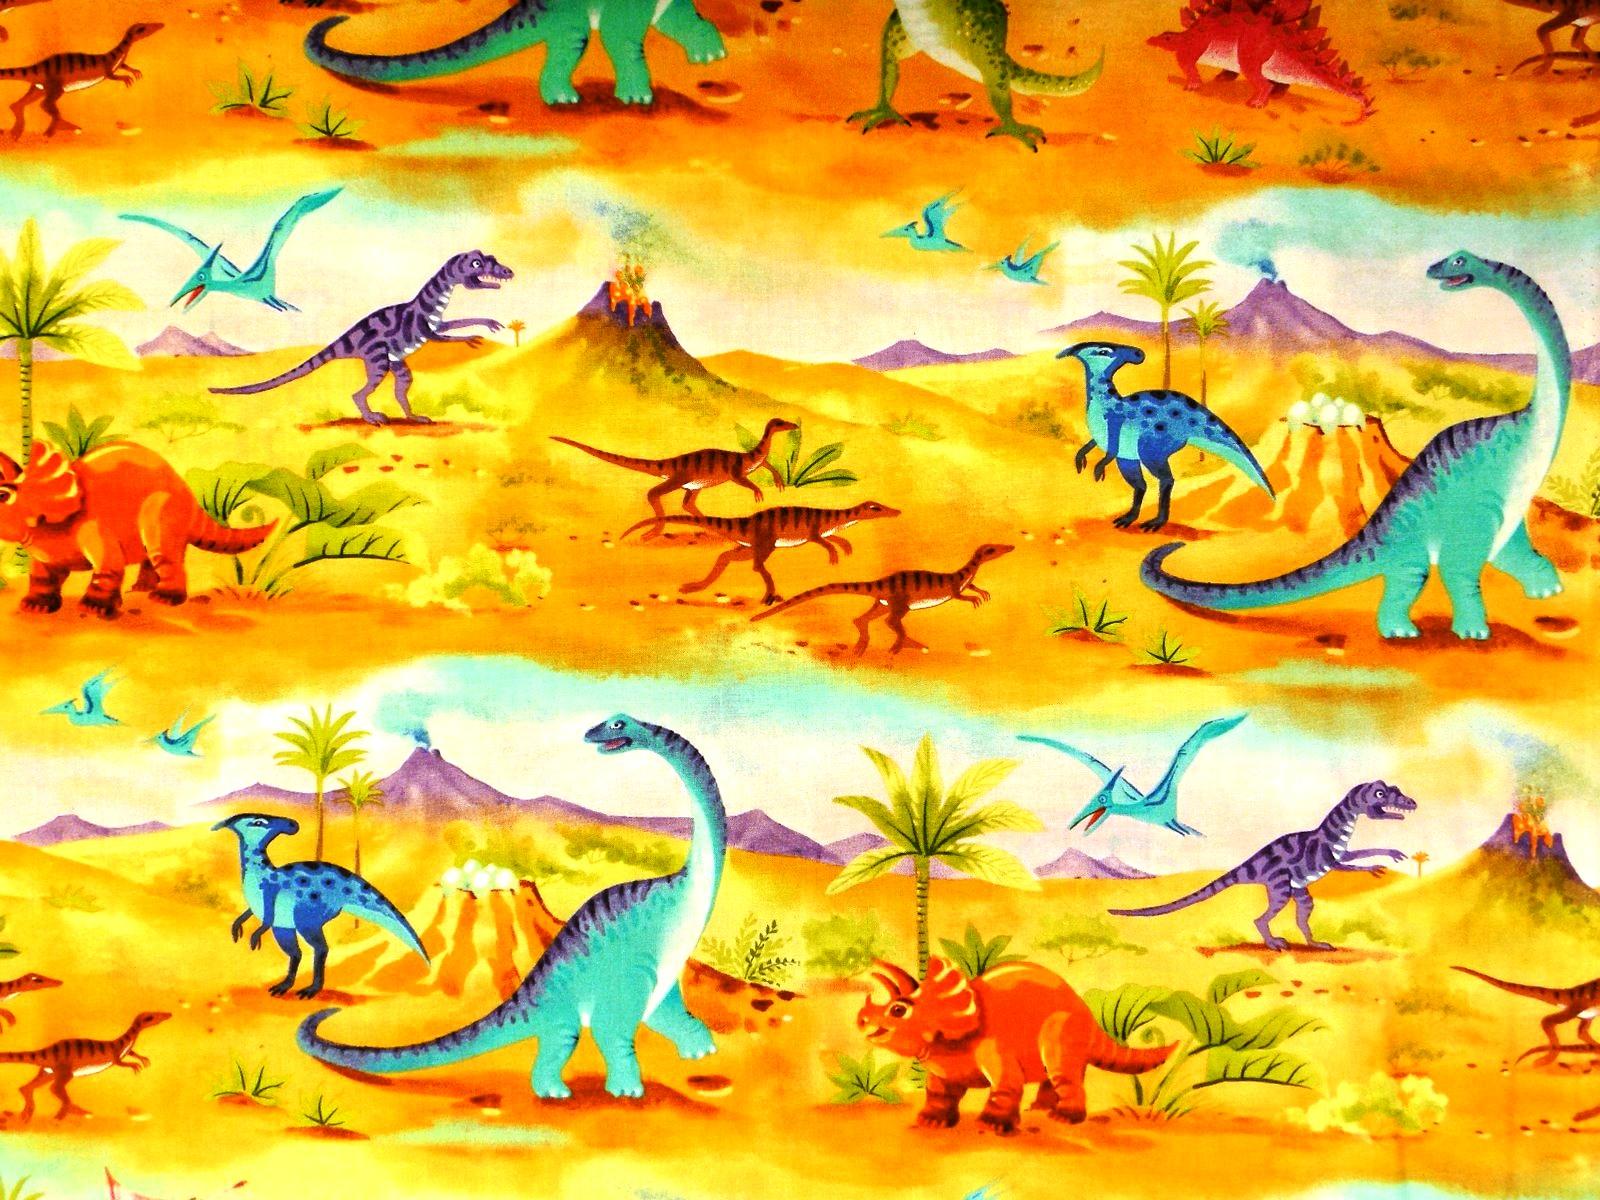 Dinosouria